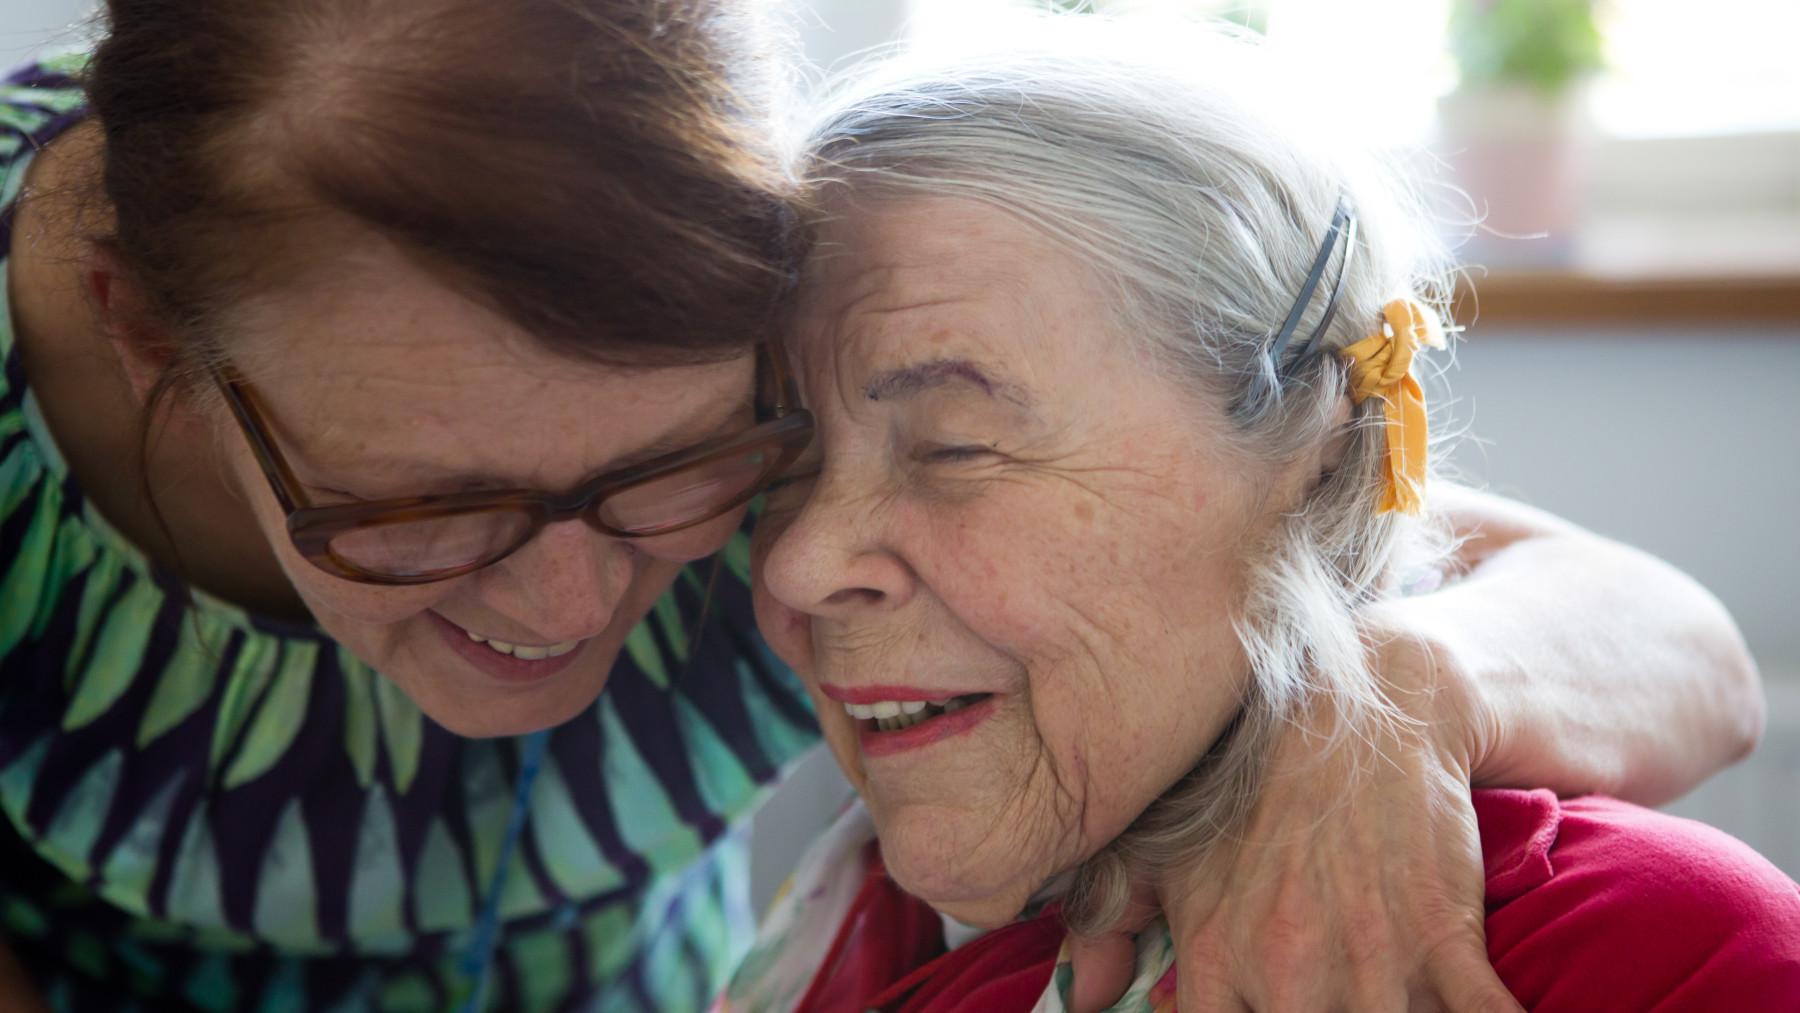 Two elderly women hugging.